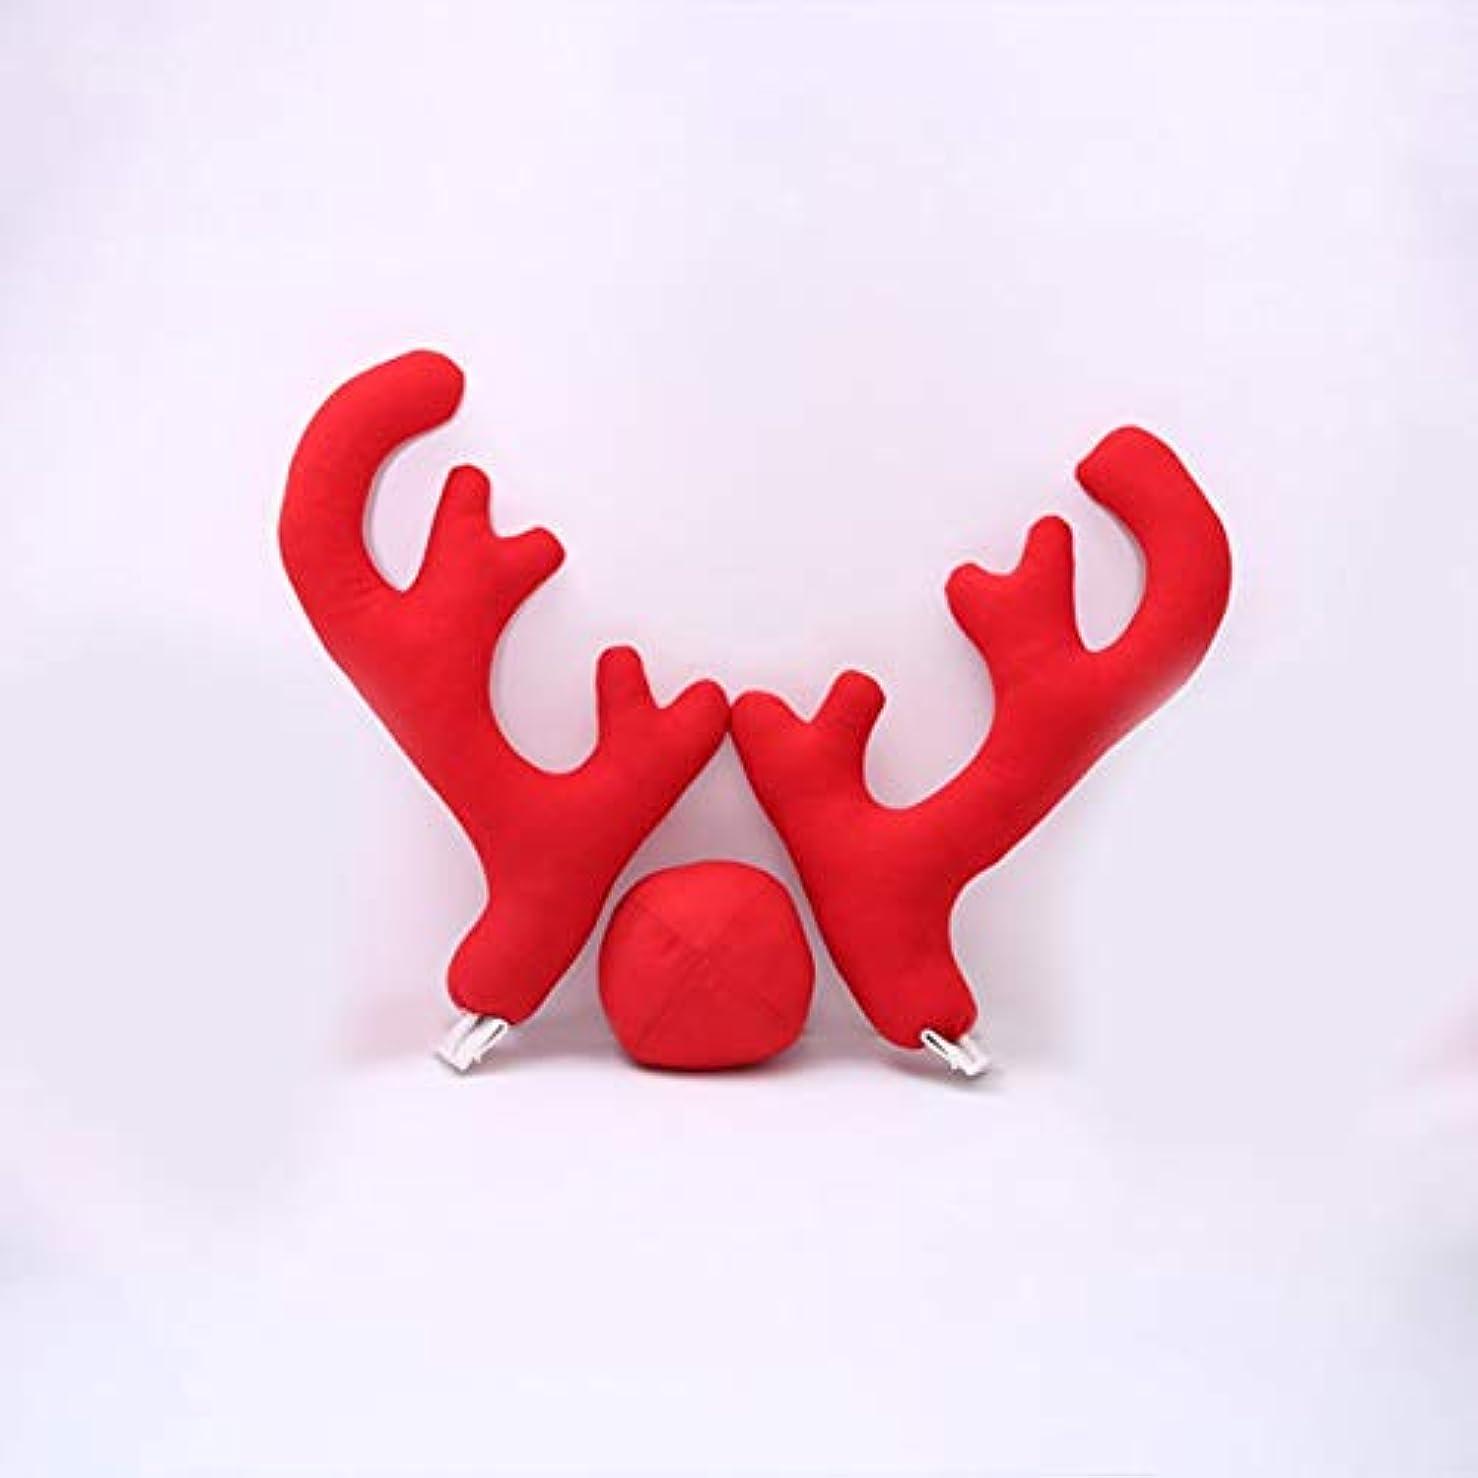 くすぐったい用心深い支配的Saikogoods 2アントラーズ1枚のトナカイ鼻2 Mirrowカバーで新しいデザインクリエイティブクリスマスオートカーコスチュームの装飾フルセット 赤